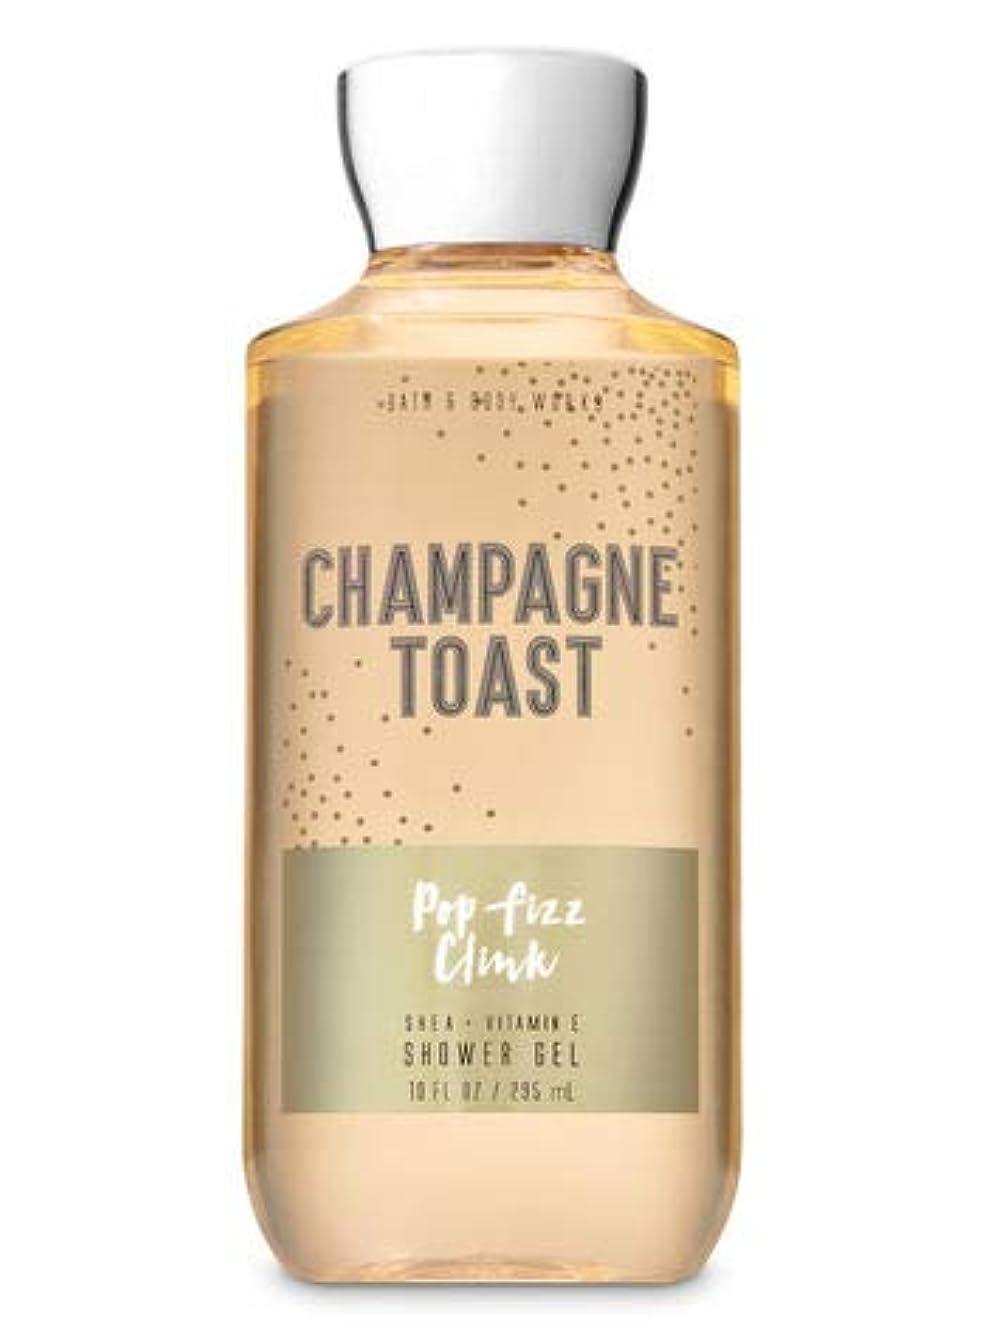 魔術ブロッサム変換する【Bath&Body Works/バス&ボディワークス】 シャワージェル シャンパントースト Shower Gel Champagne Toast 10 fl oz / 295 mL [並行輸入品]